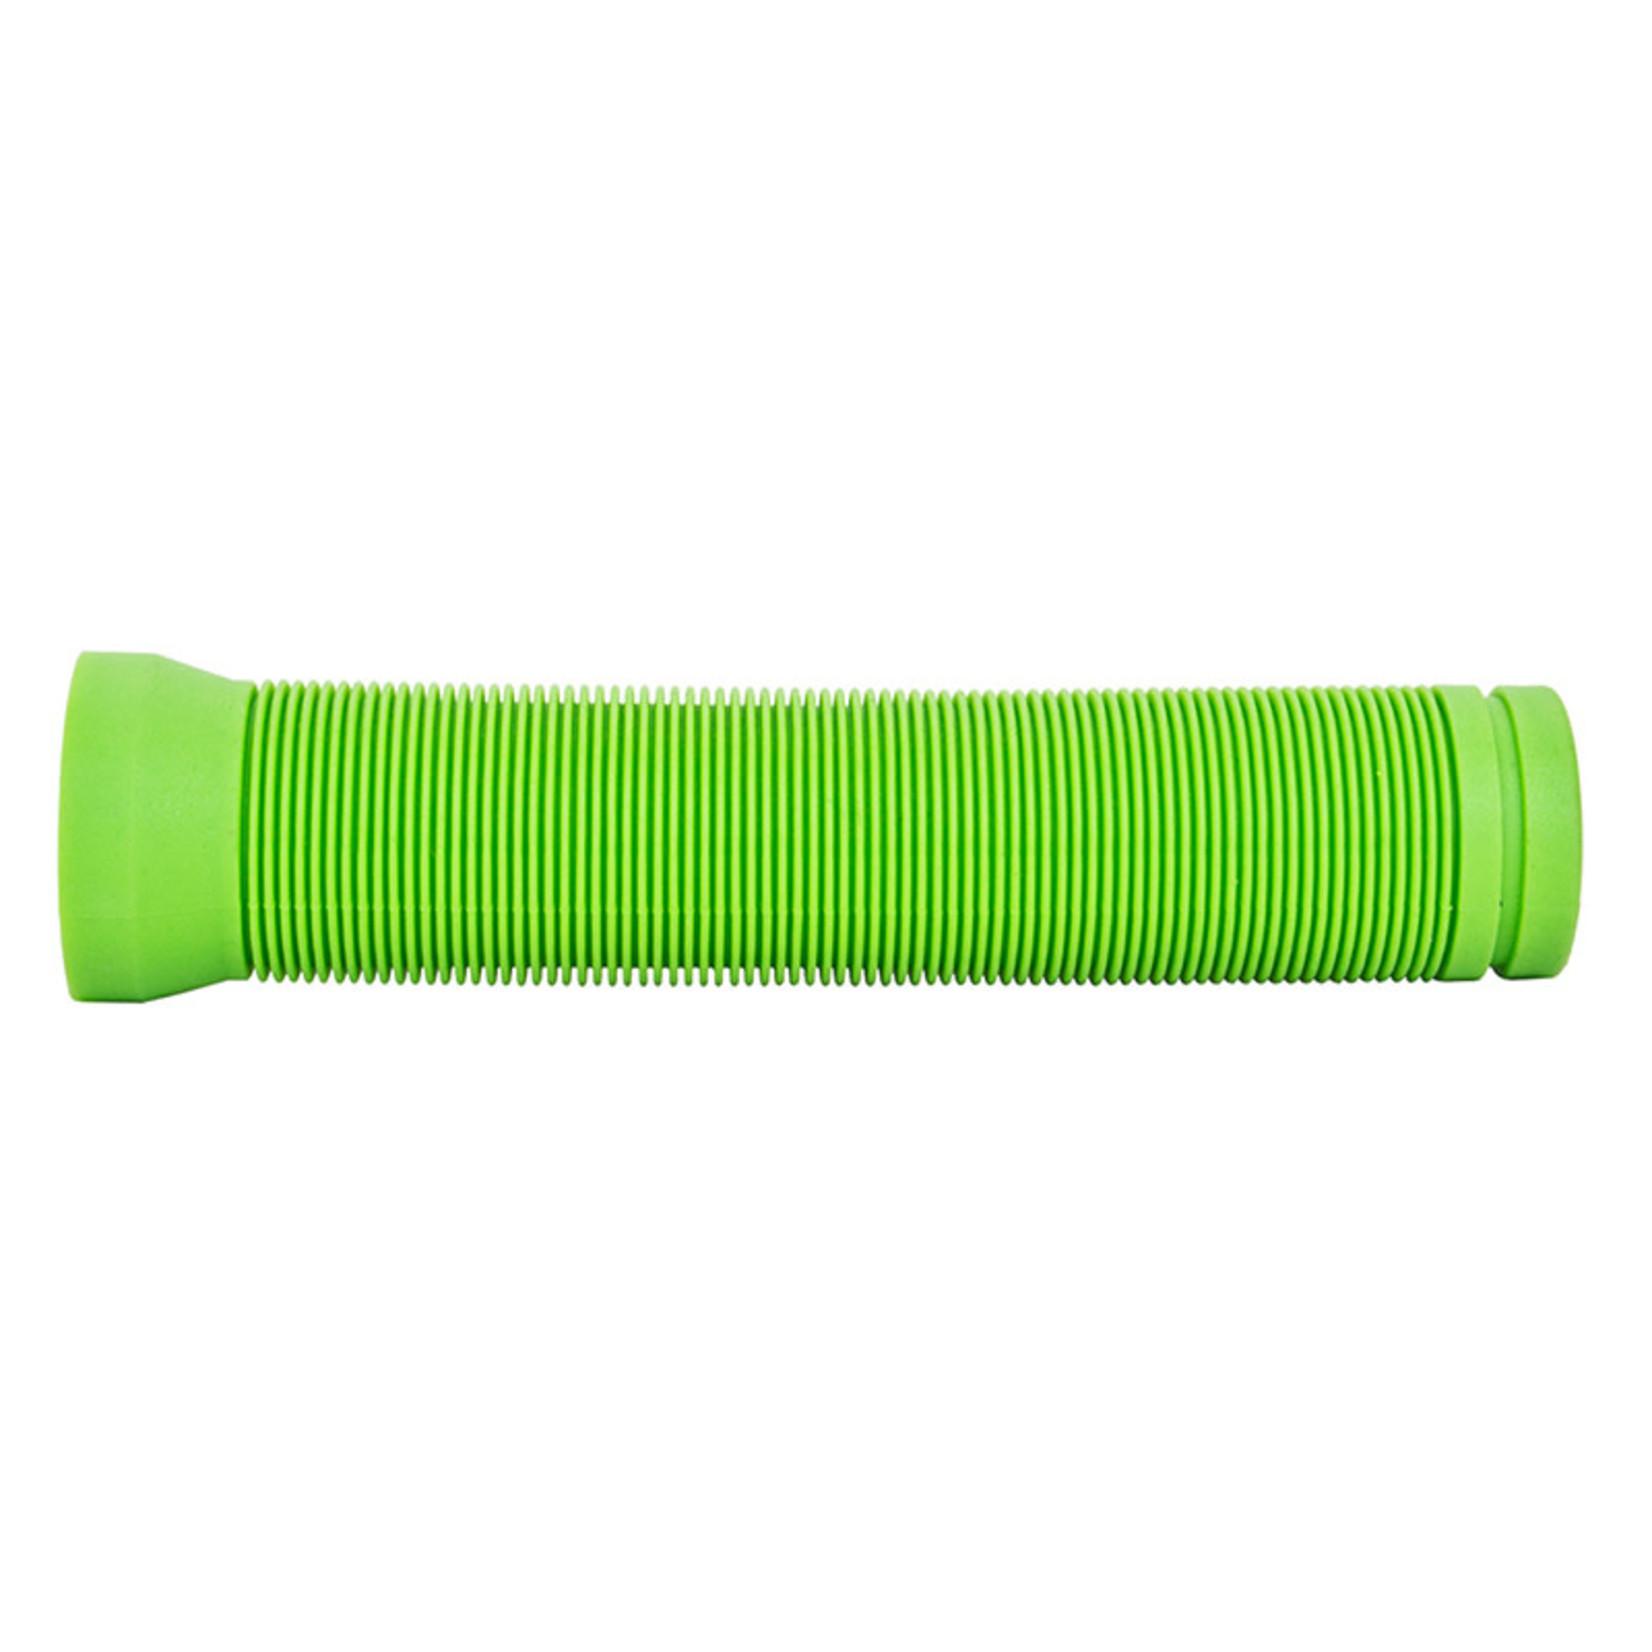 Flangeless Circle Bar Grips Green 145mm